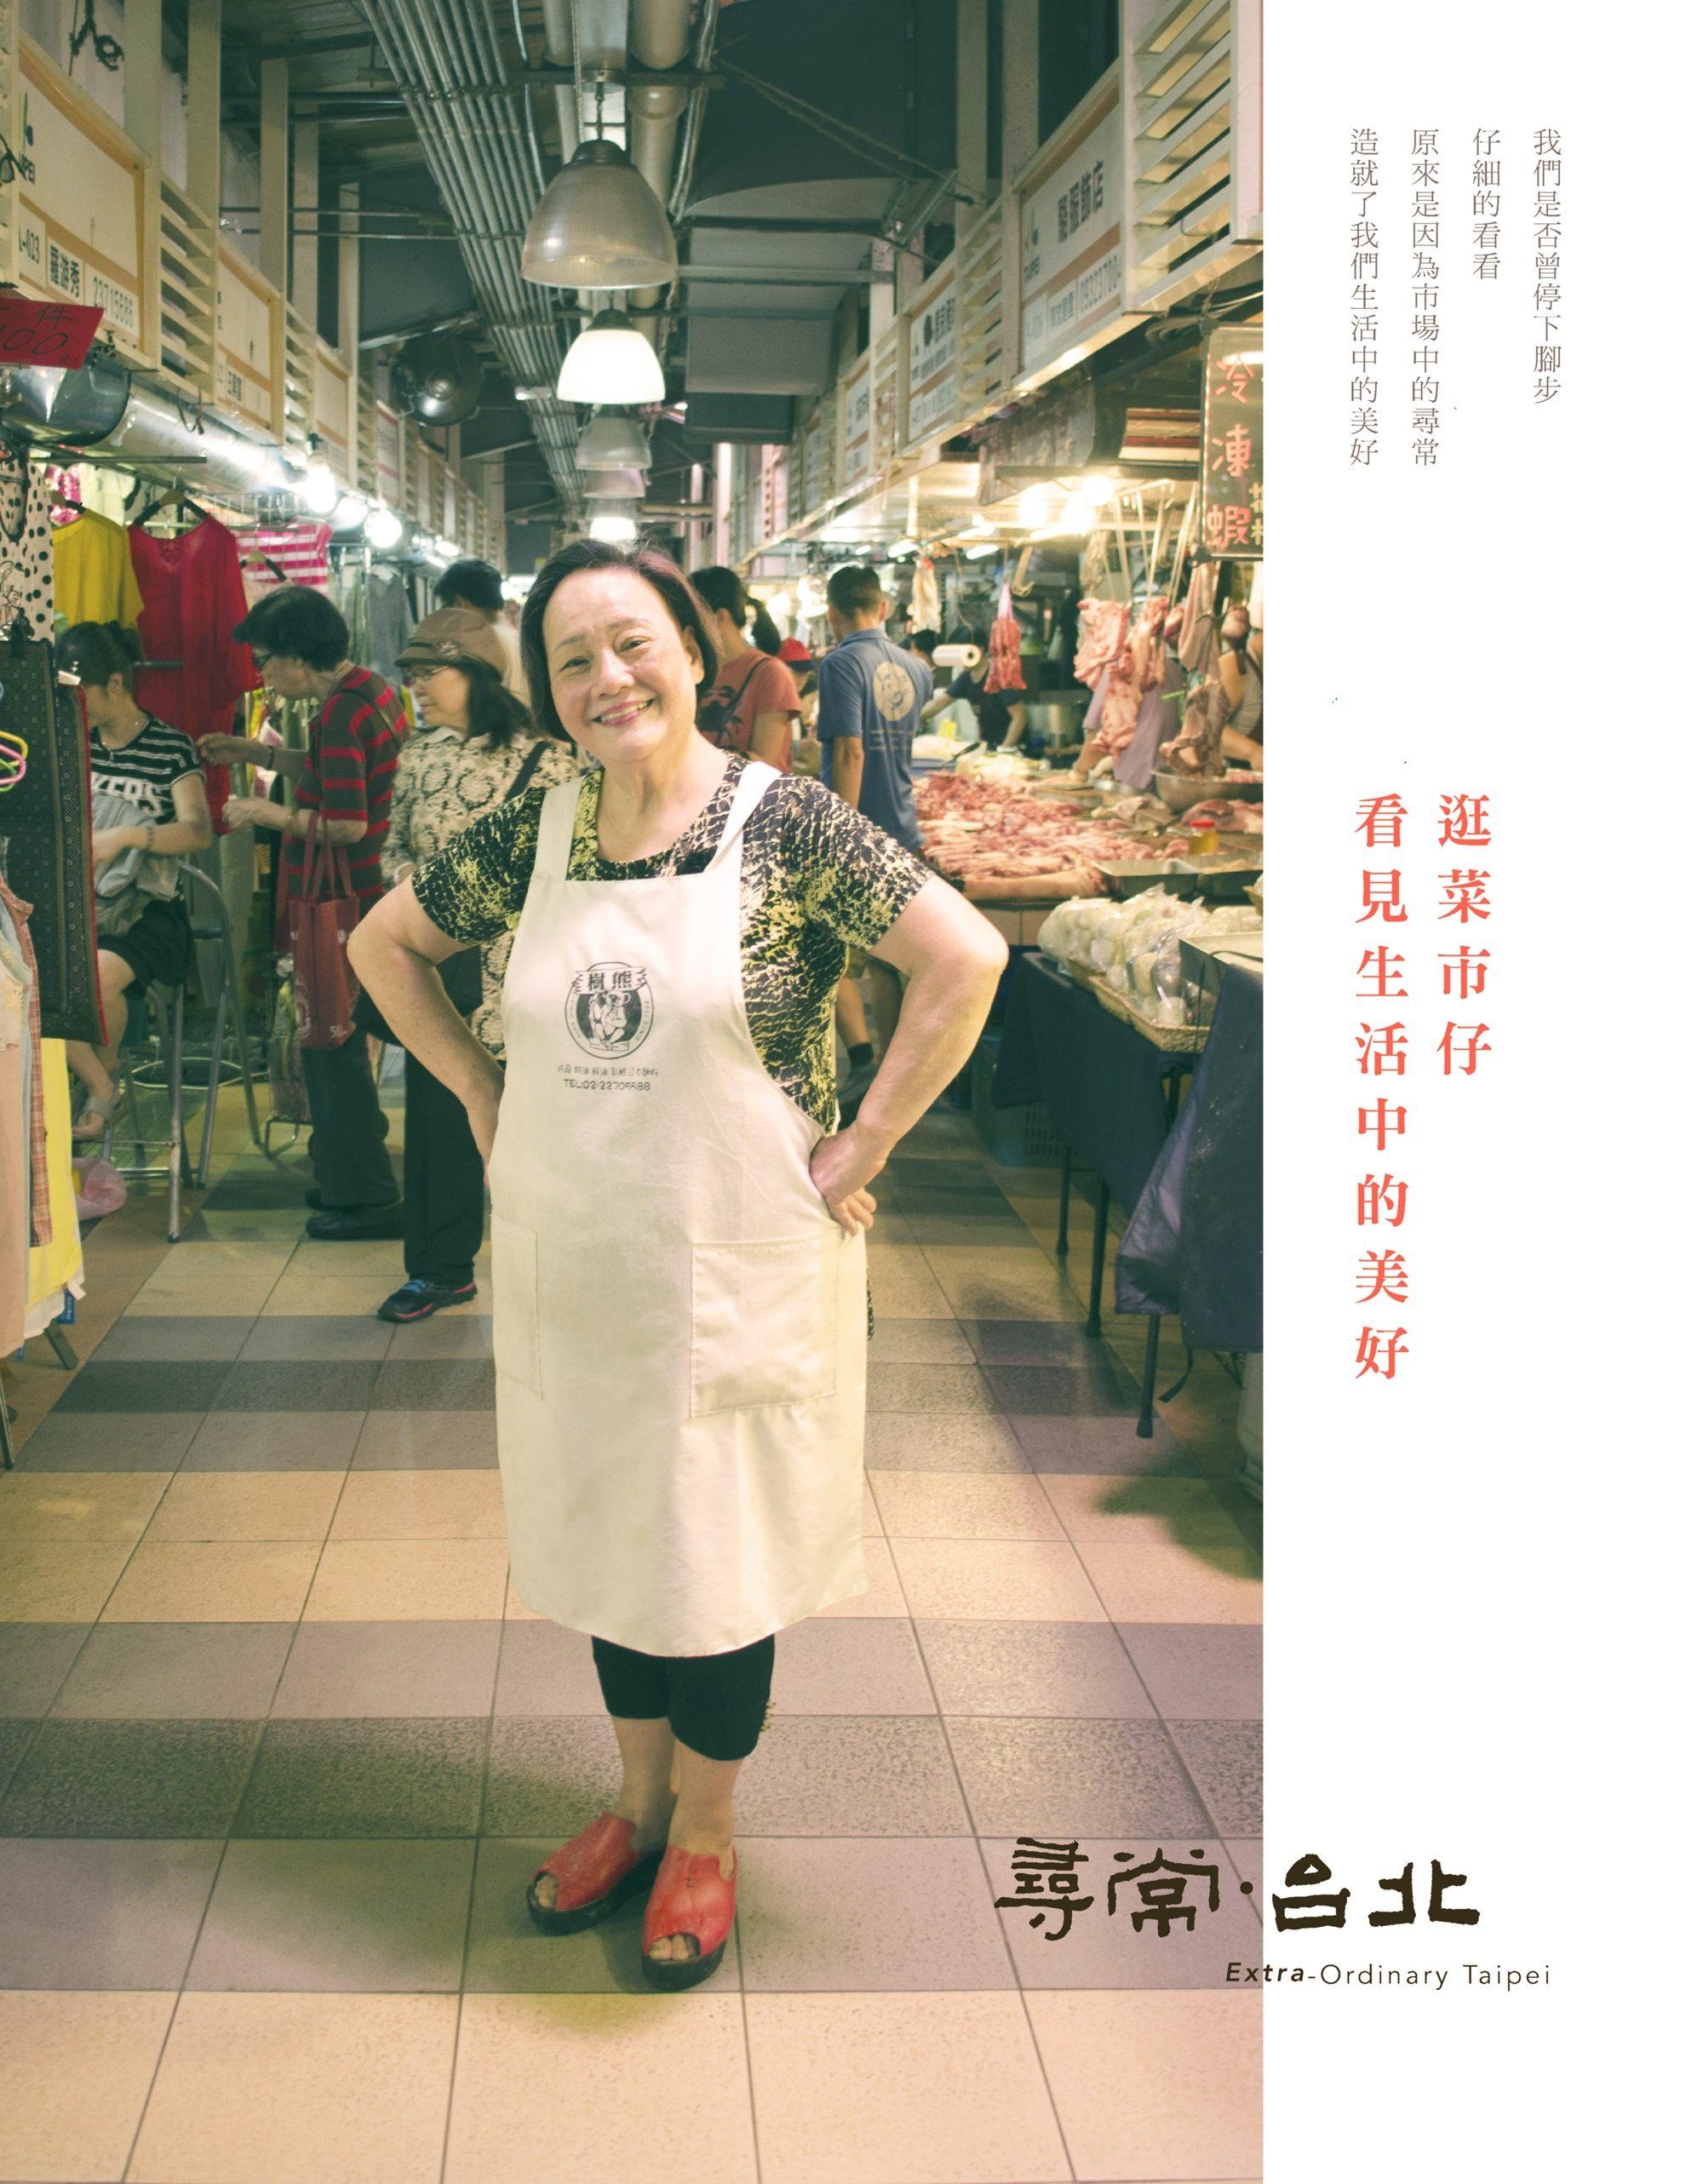 傳統市場:逛菜市仔 看見生活中的美好